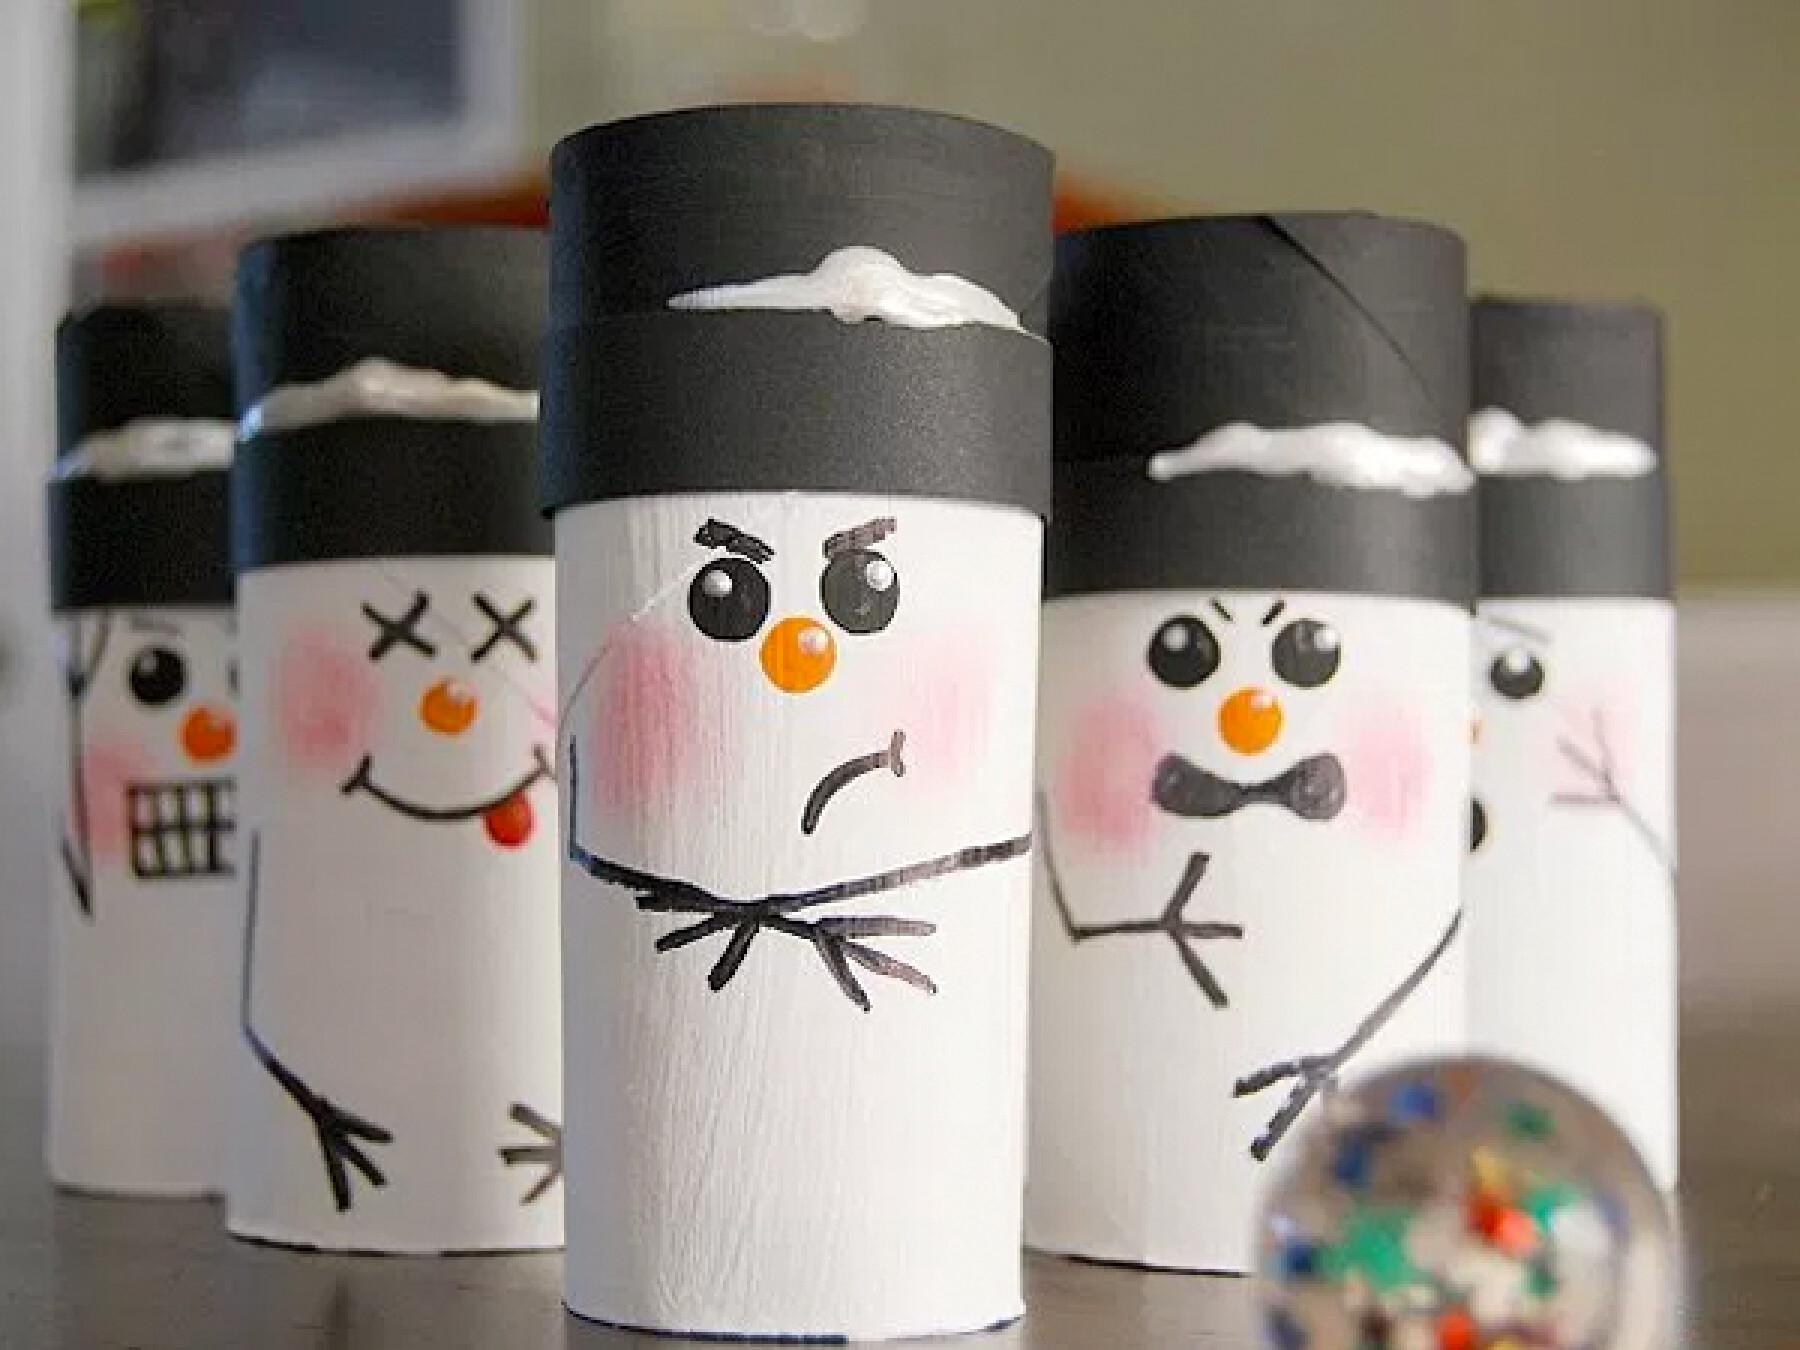 bricolages rouleaux de papier toilette